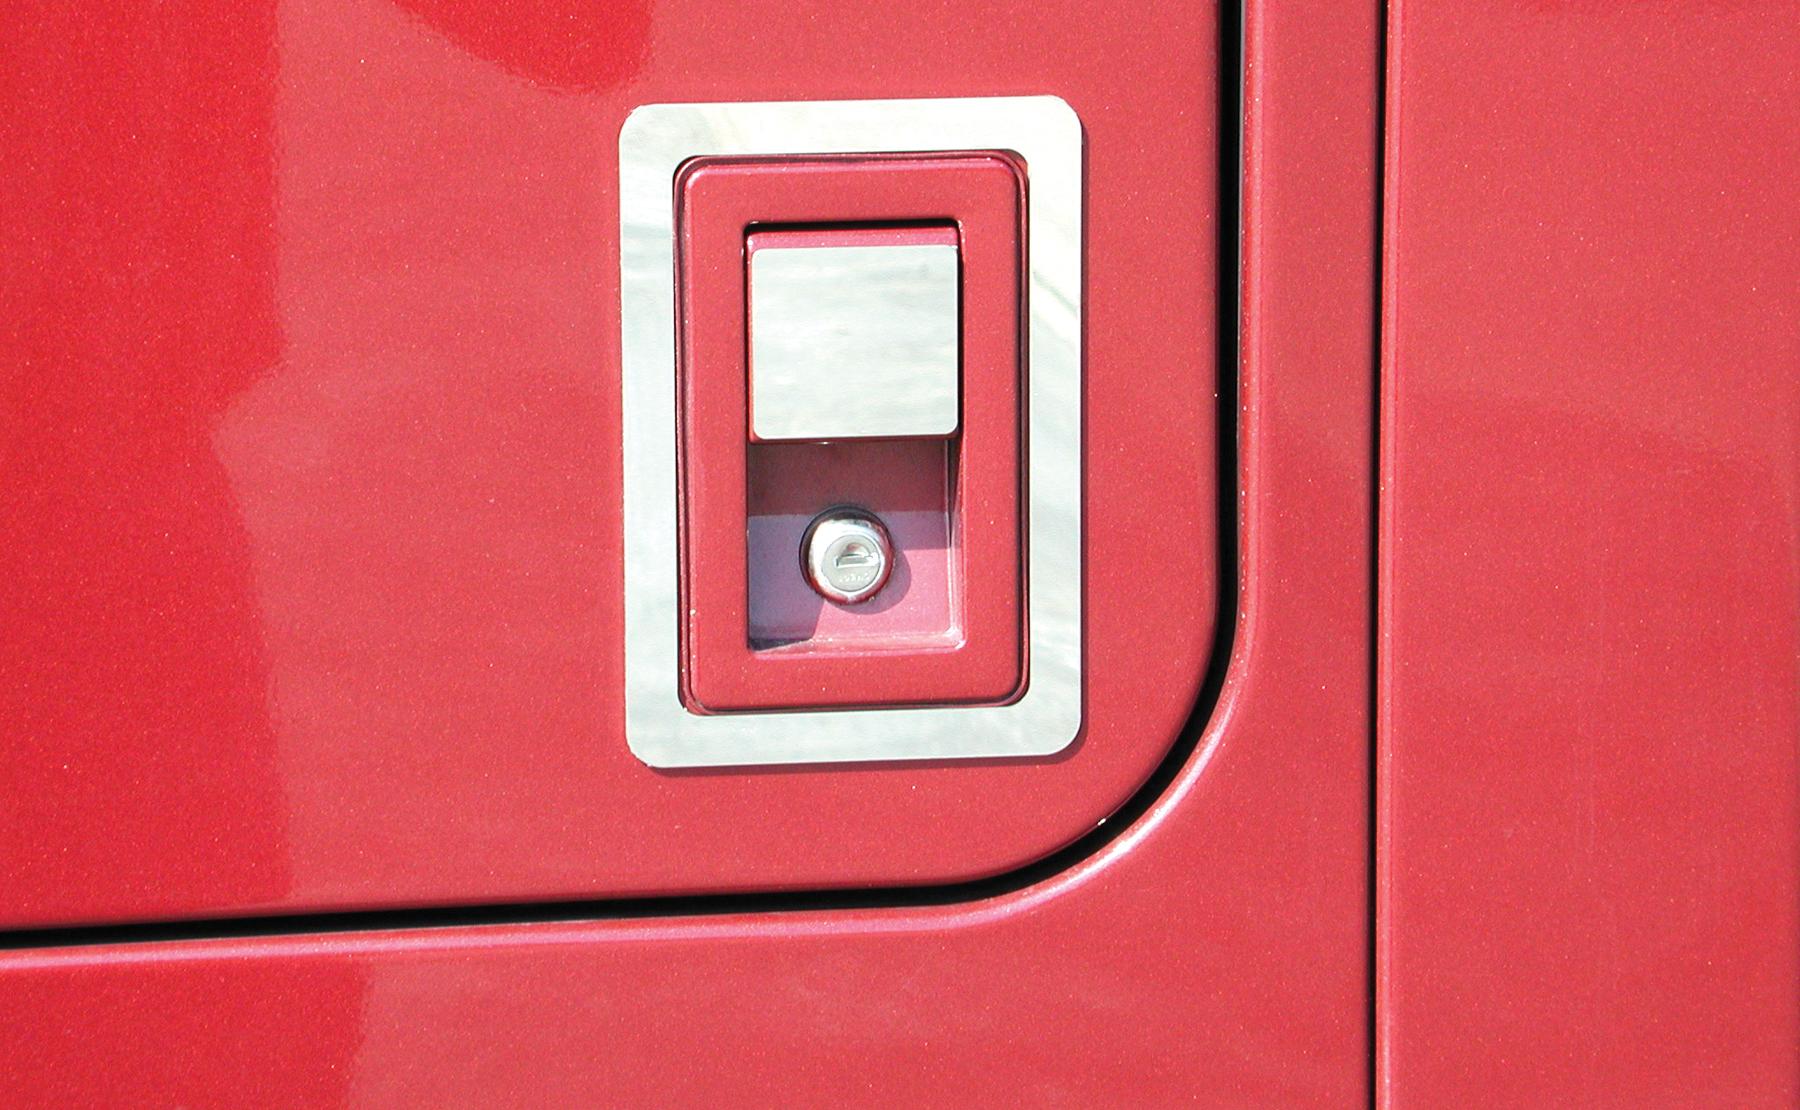 Bunk Access Door Handle Trim image